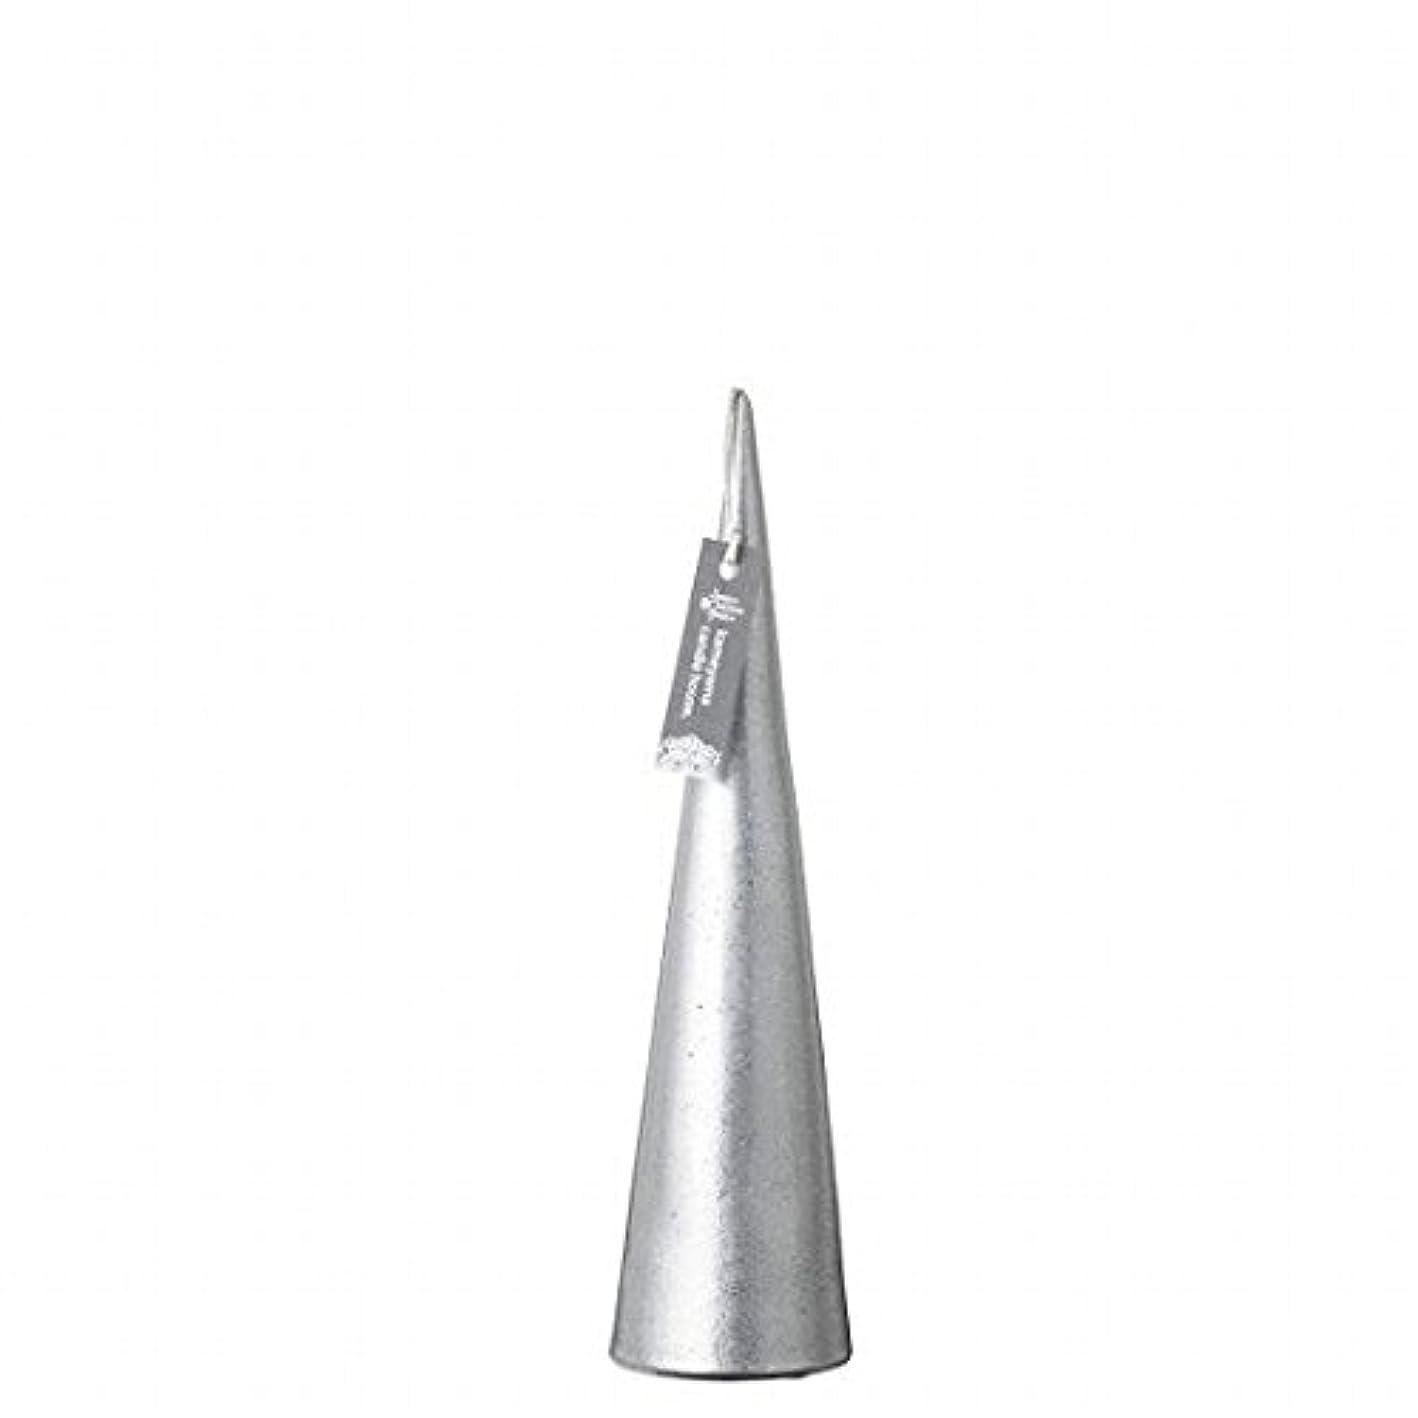 化学薬品キャンセル方向カメヤマキャンドル(kameyama candle) メタリックコーンM 「 シルバー 」